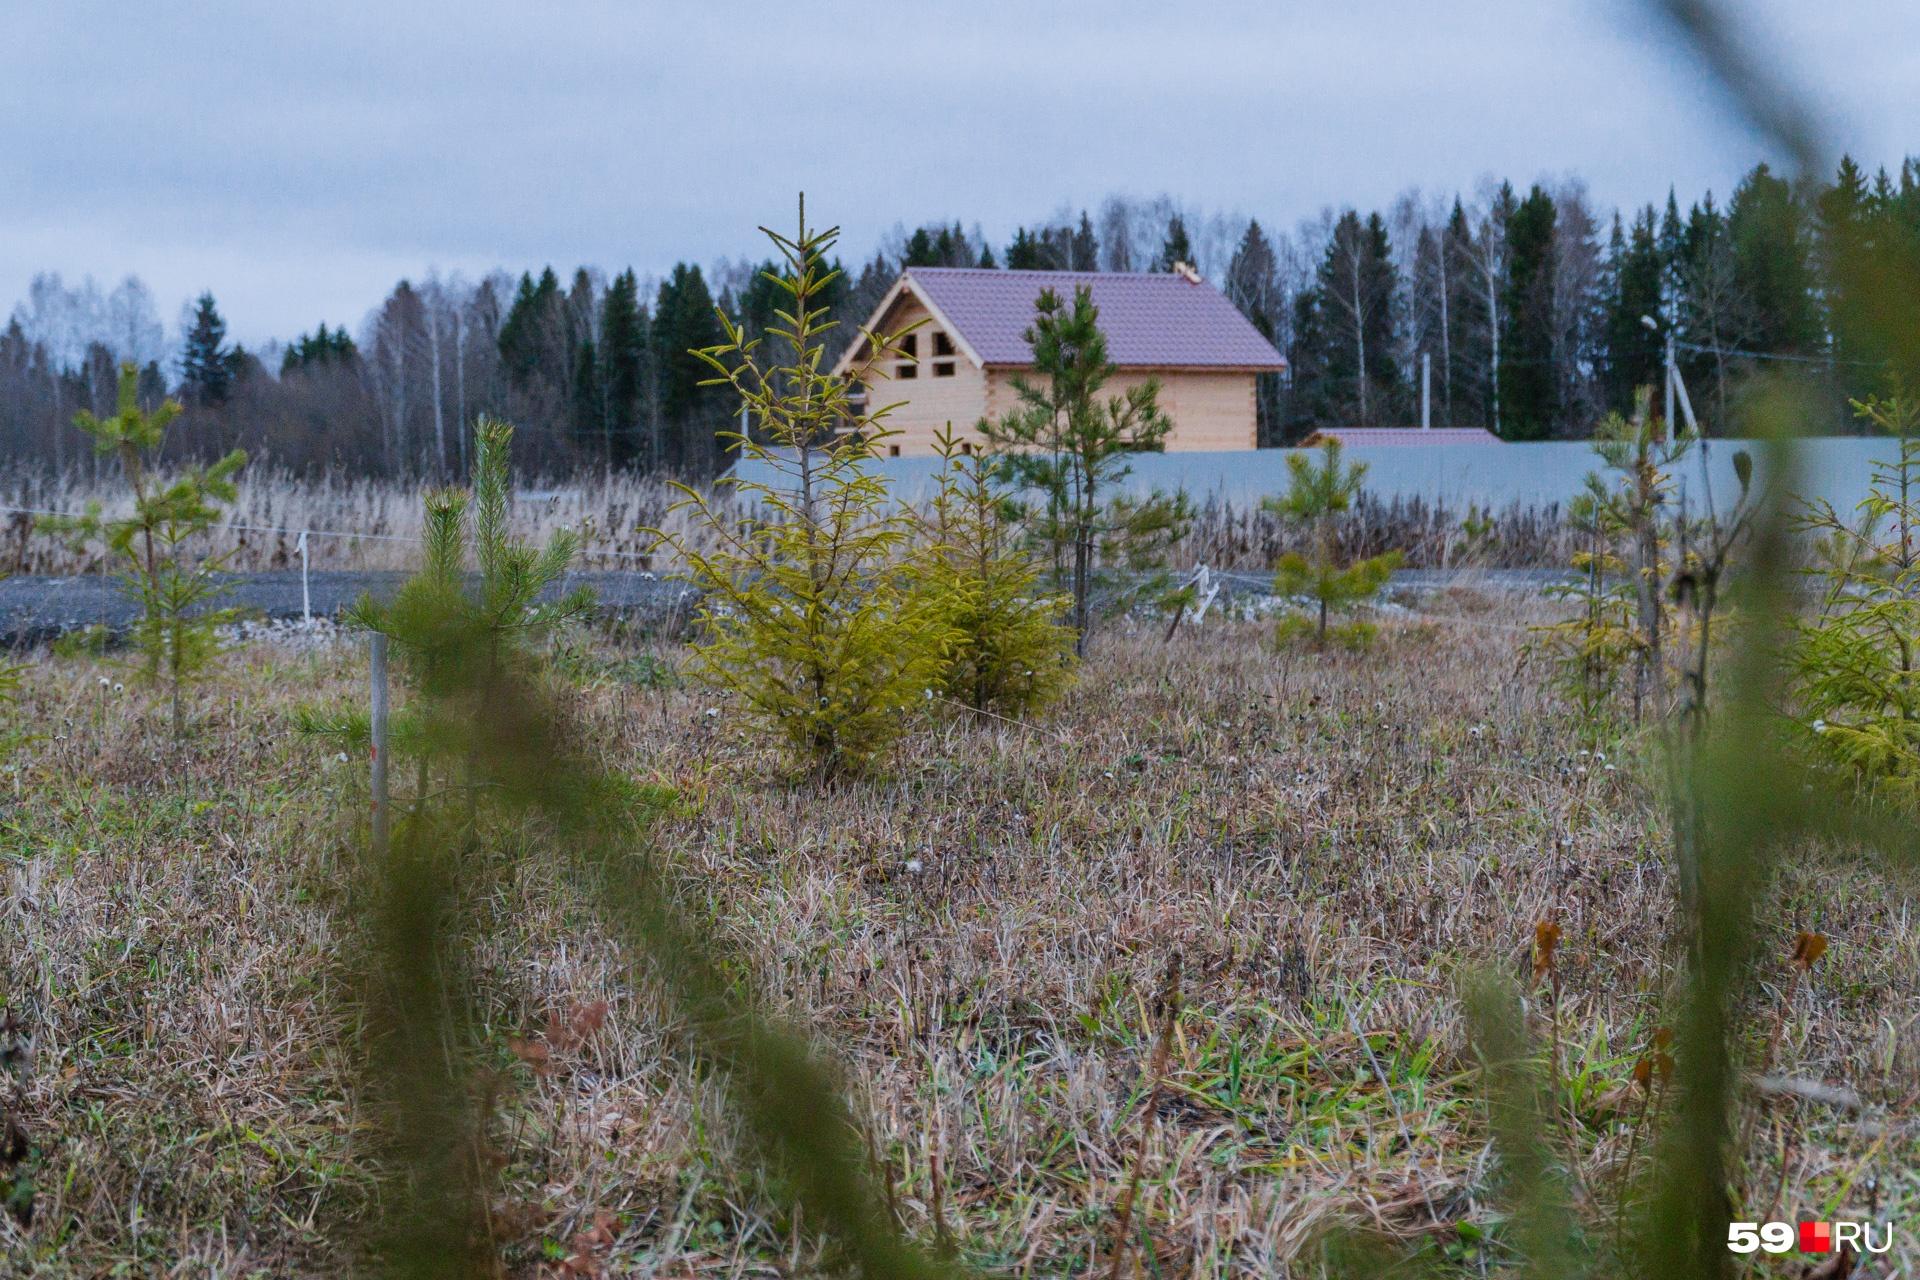 Мельников посадил на участке около 40 хвойных деревьев